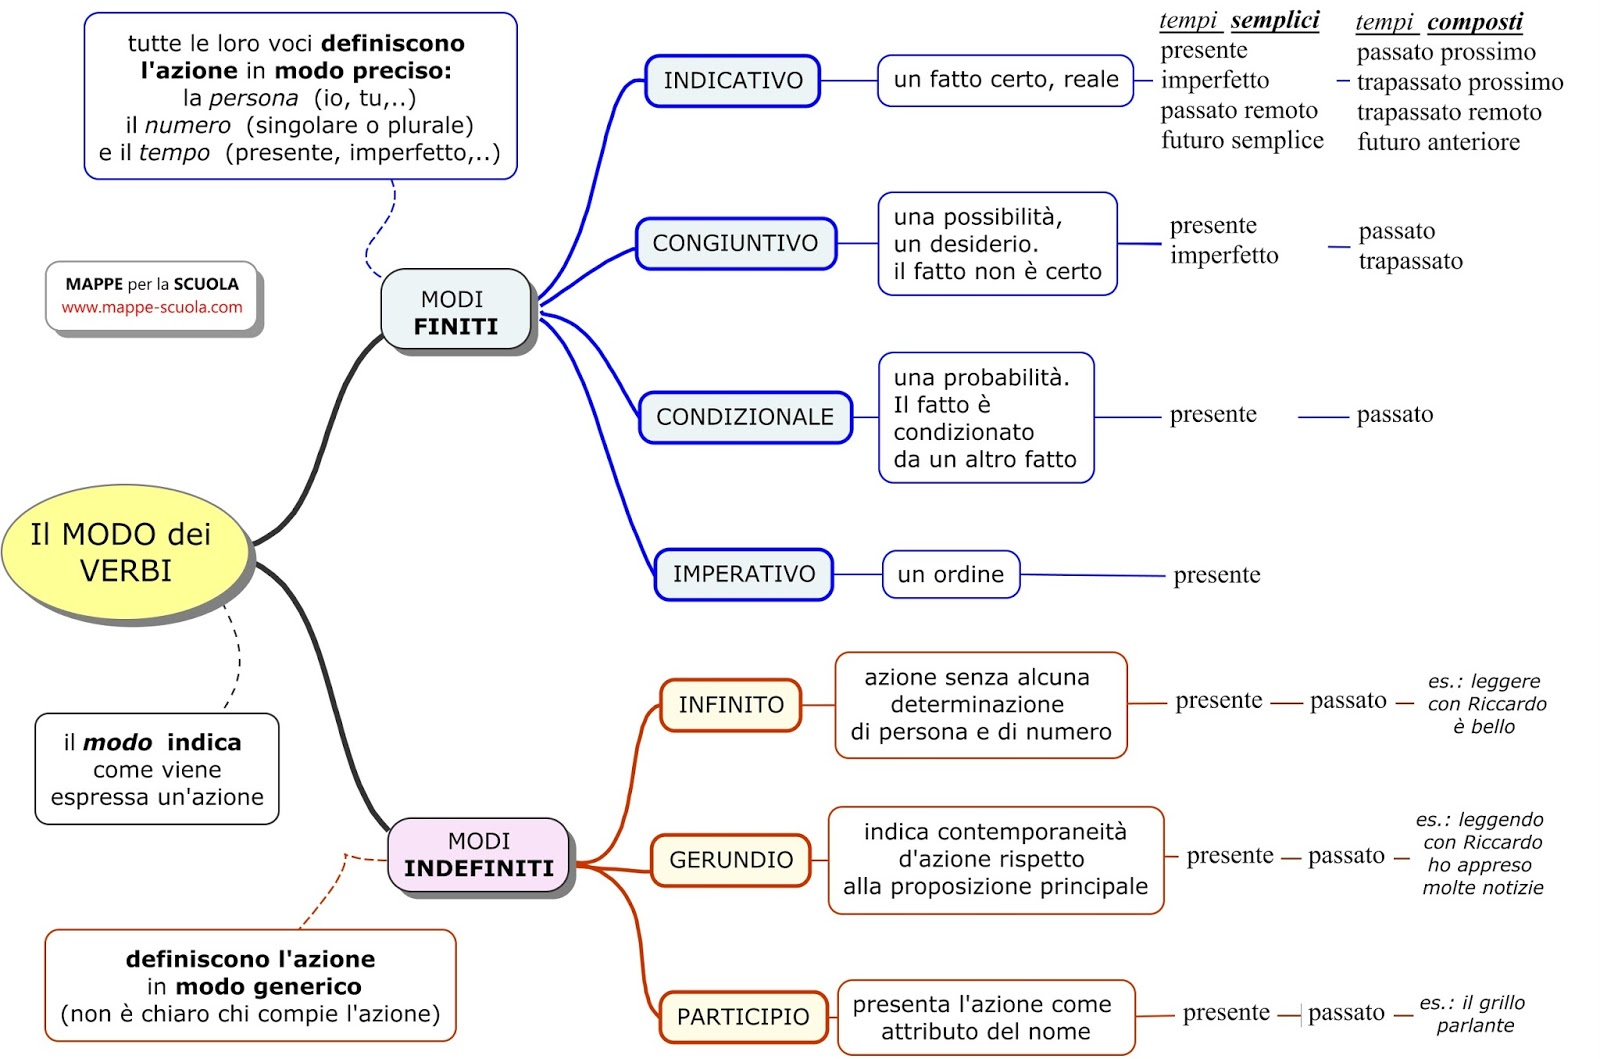 Molto MAPPE per la SCUOLA: I VERBI: I MODI finiti e indefiniti del verbo FG77